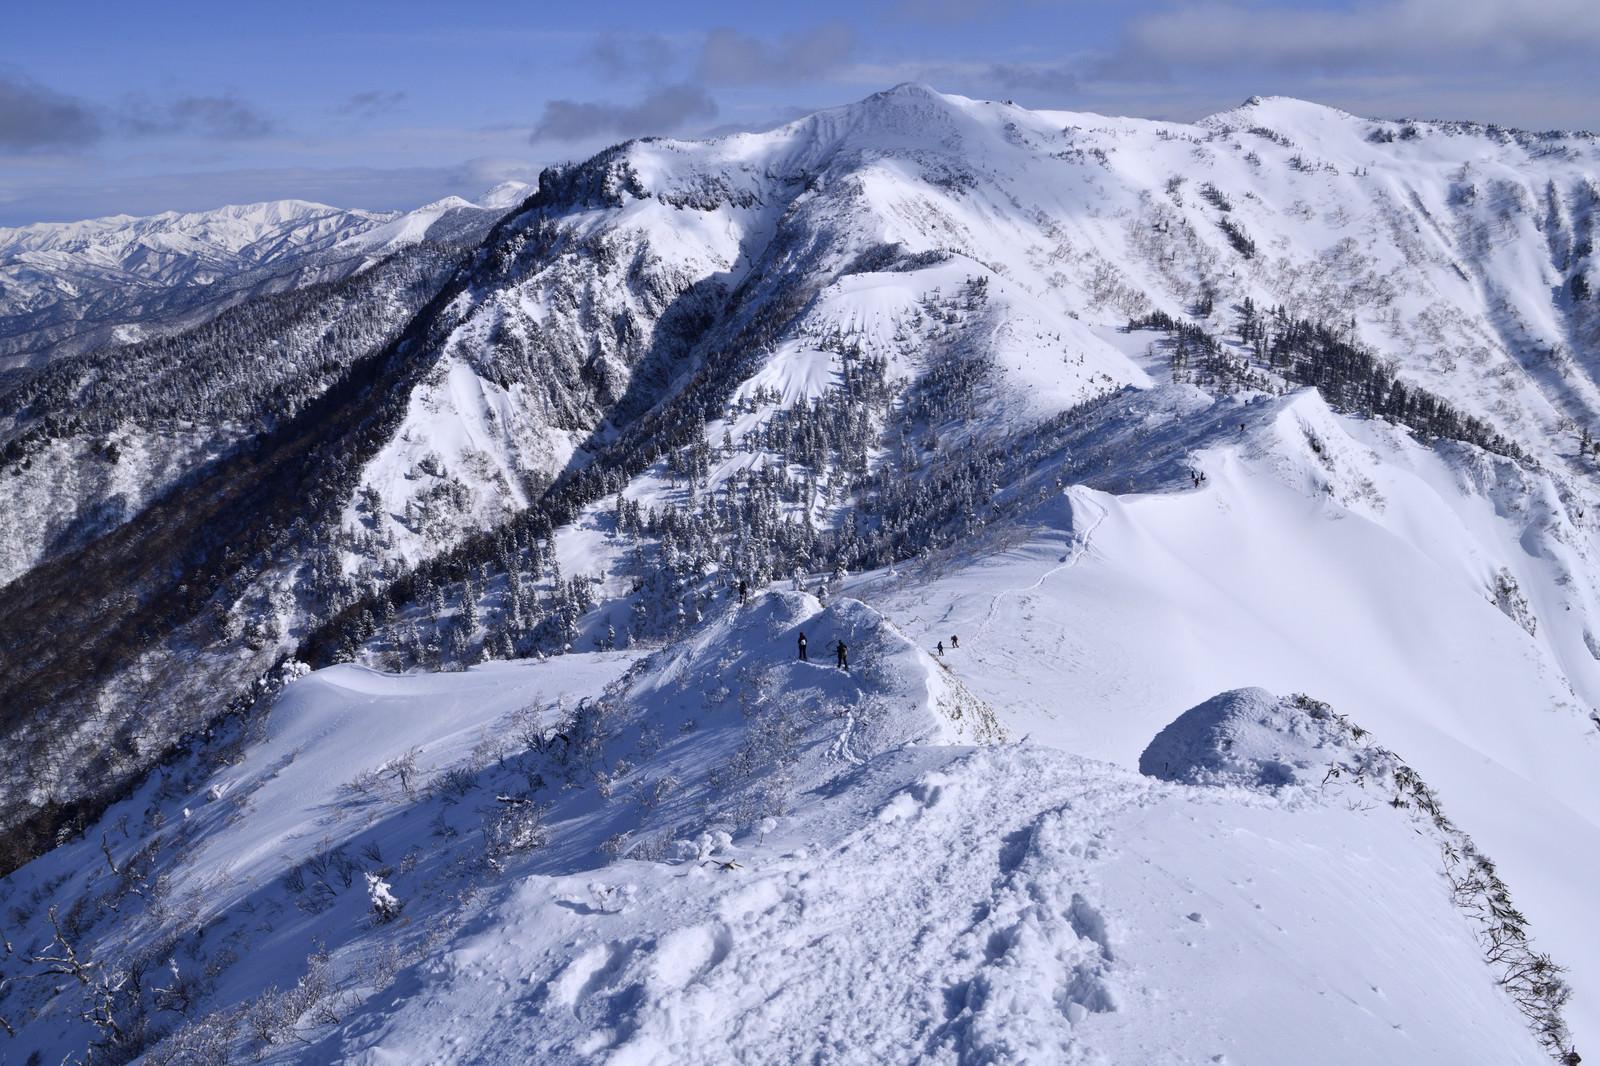 「厳冬の上州武尊山(じょうしゅうほたかやま)」の写真